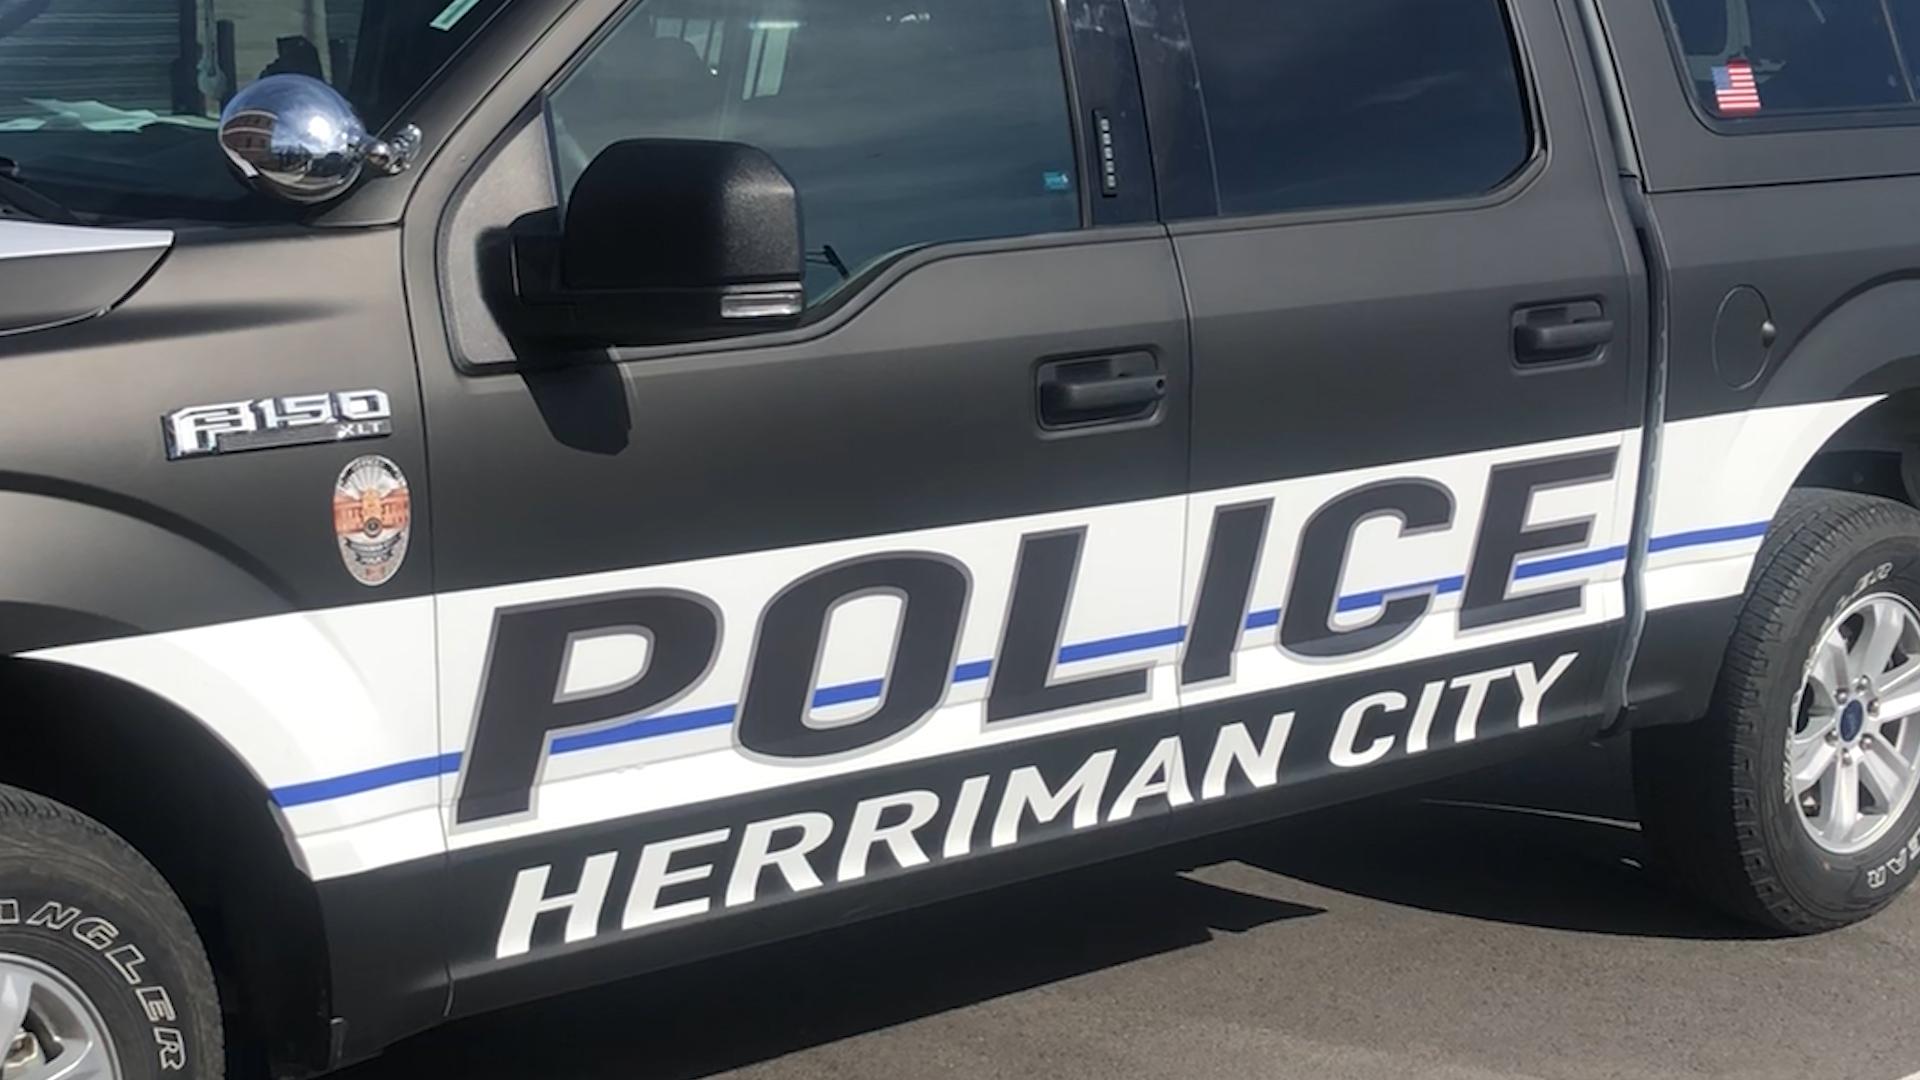 Herriman Police Department vehicle